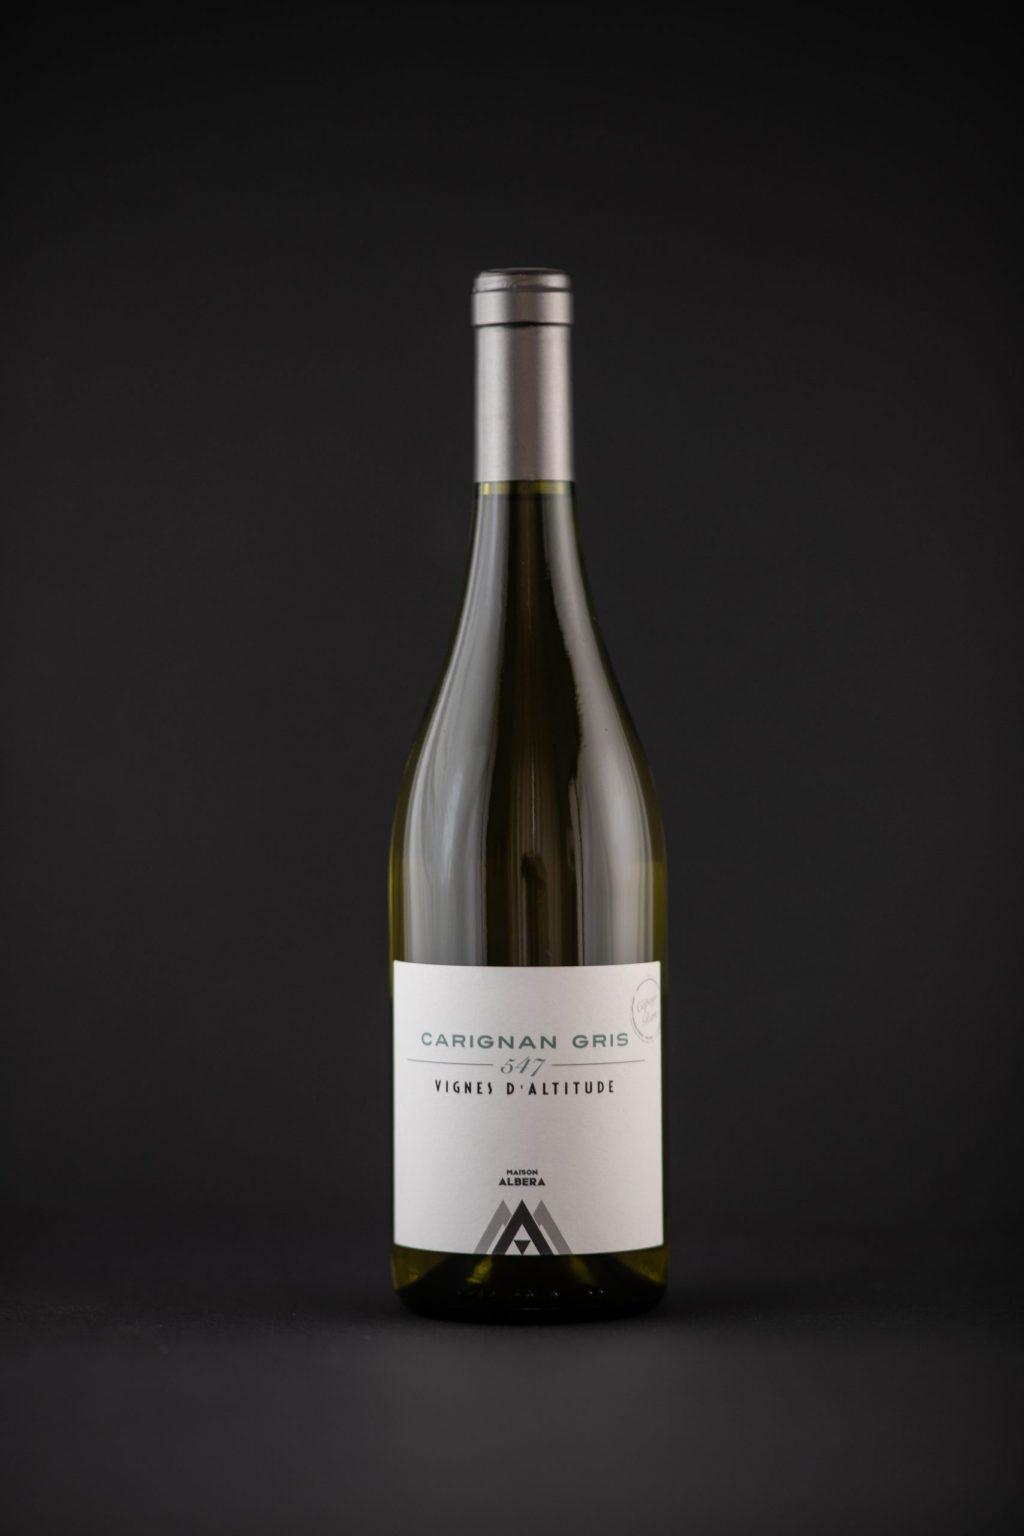 Photographie d'une bouteille de vin blanc sur un fond noir mat